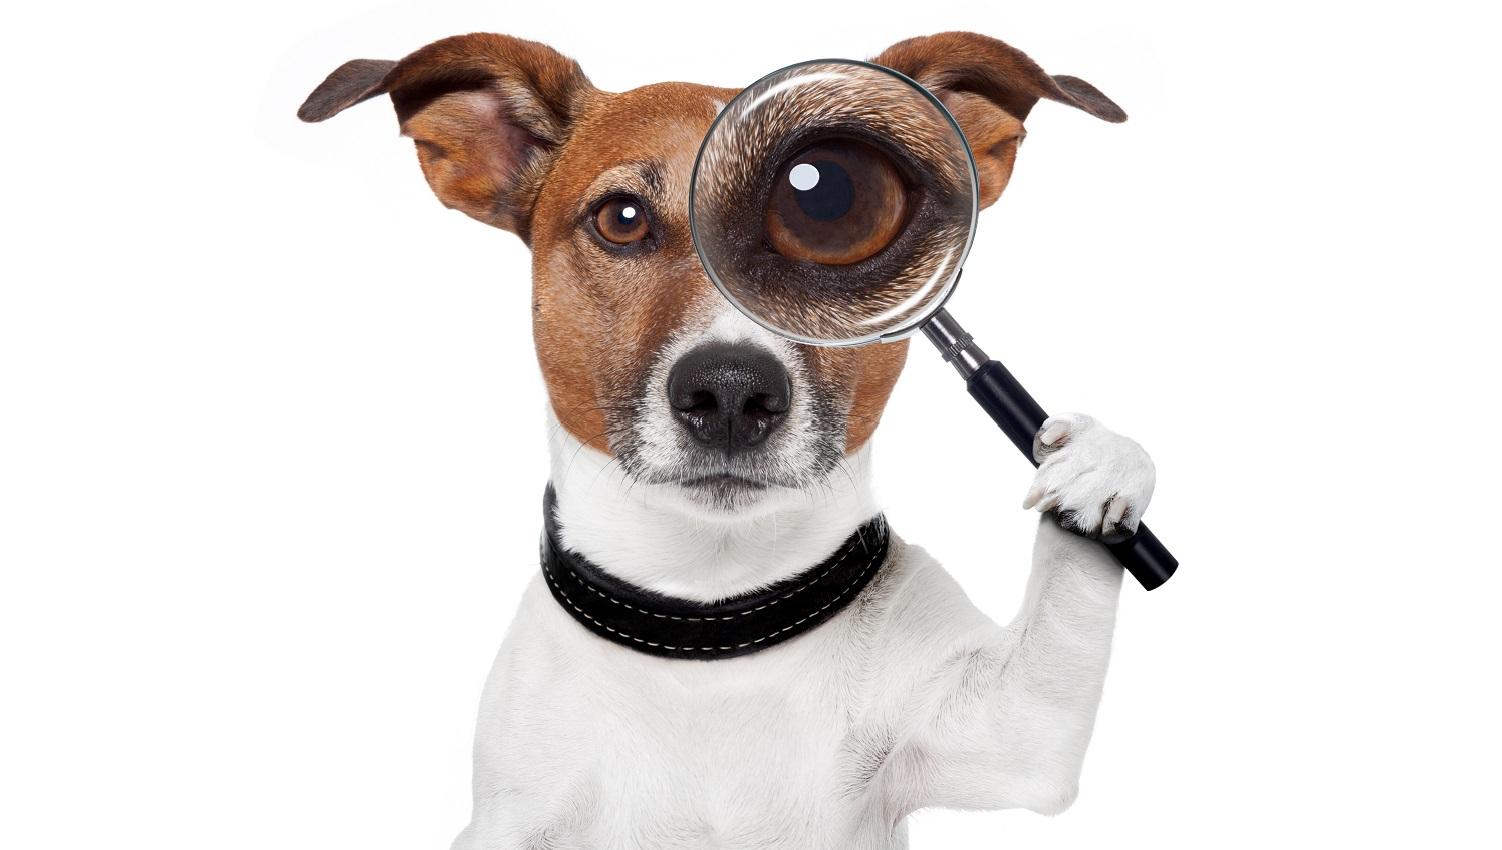 Property alert service